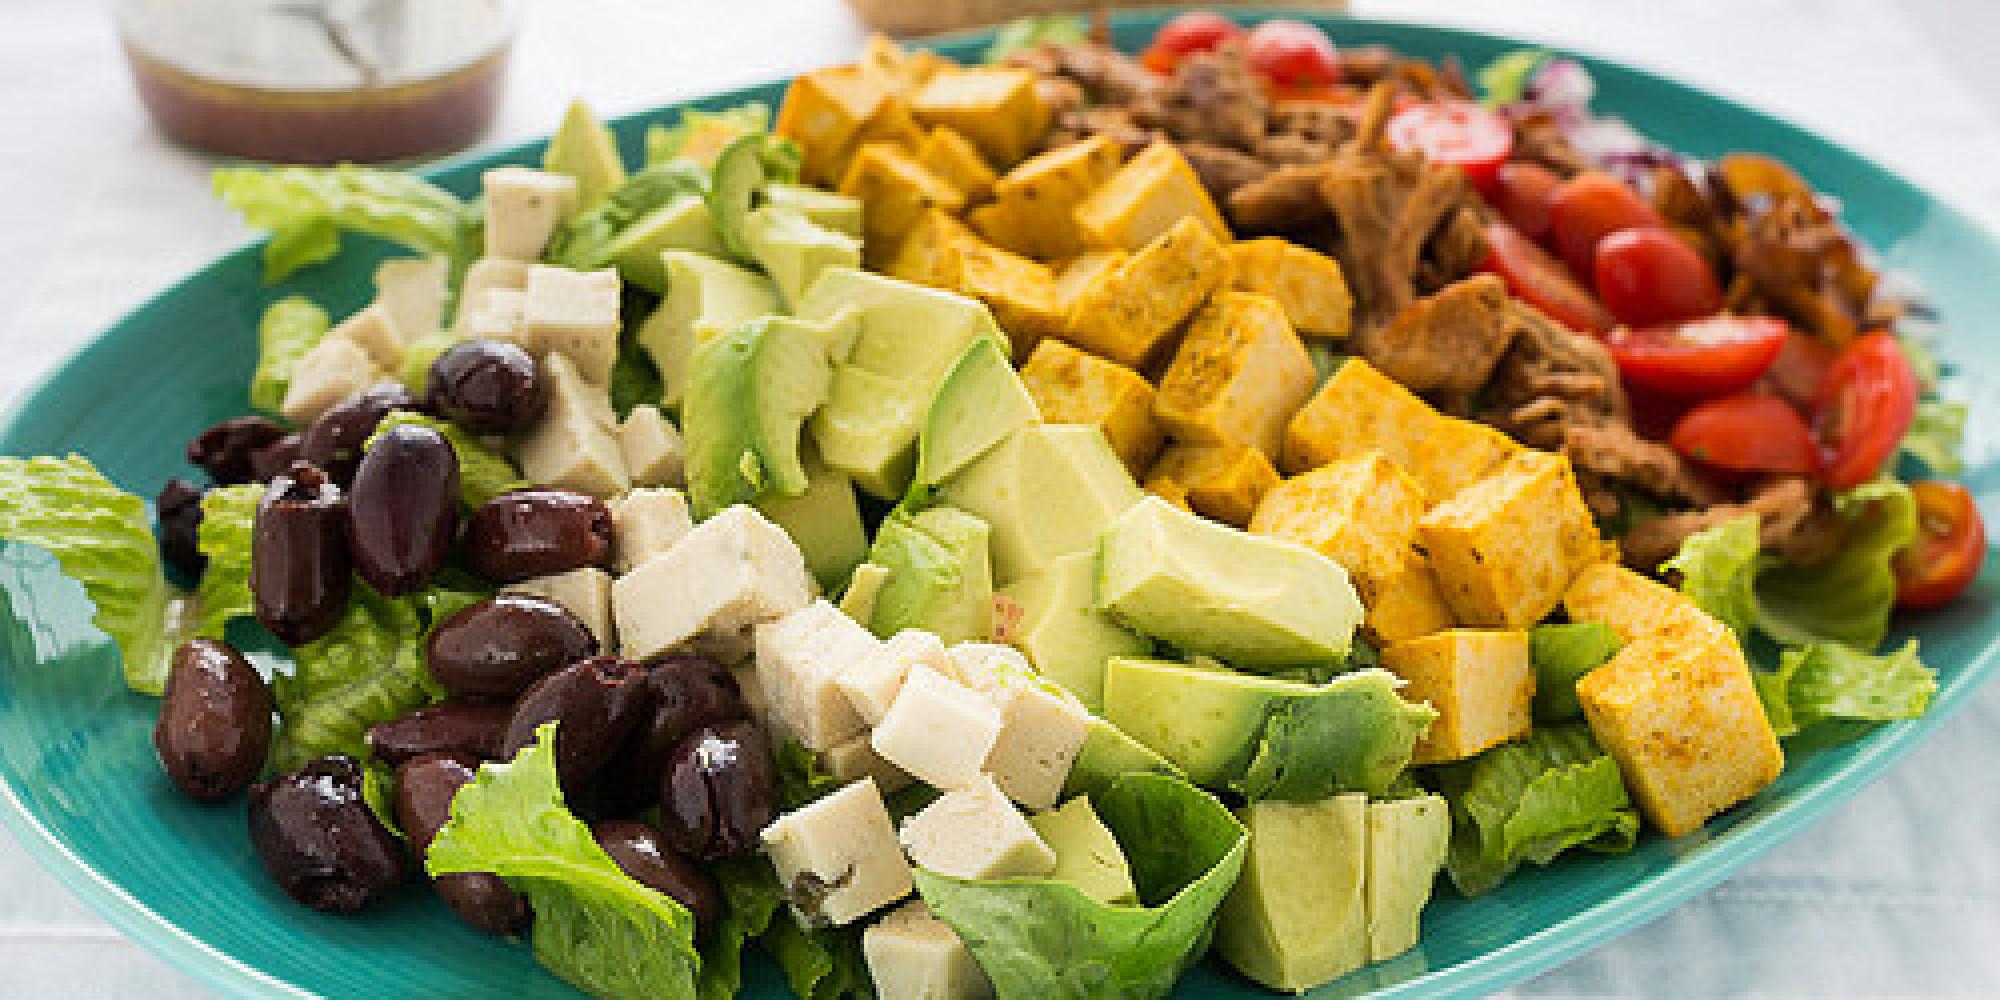 Photos certaines salades contiennent plus de sucre que for Eliminer les vers des salades